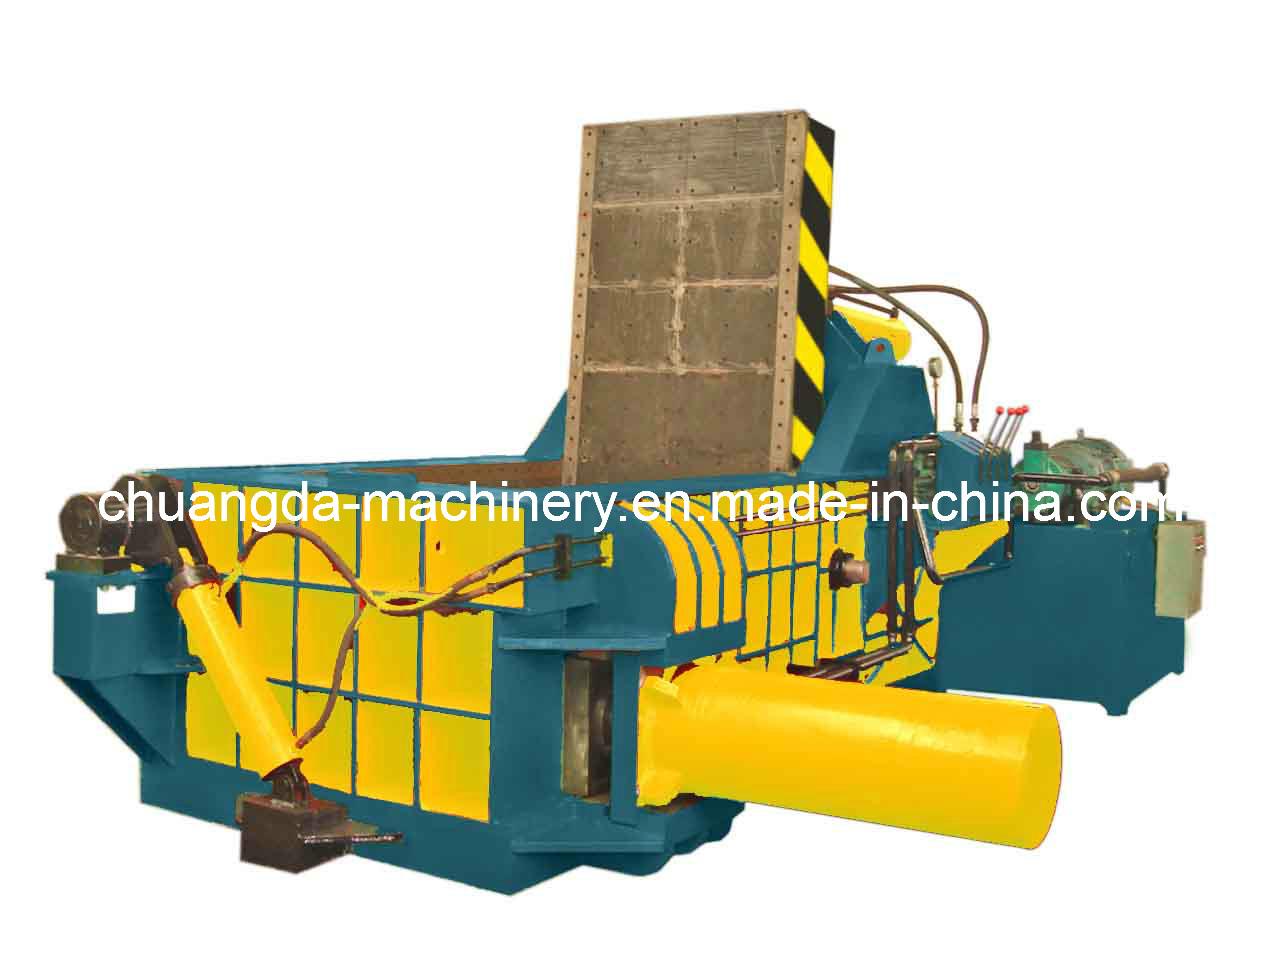 Hydraulic Metal Baler (YD2500)